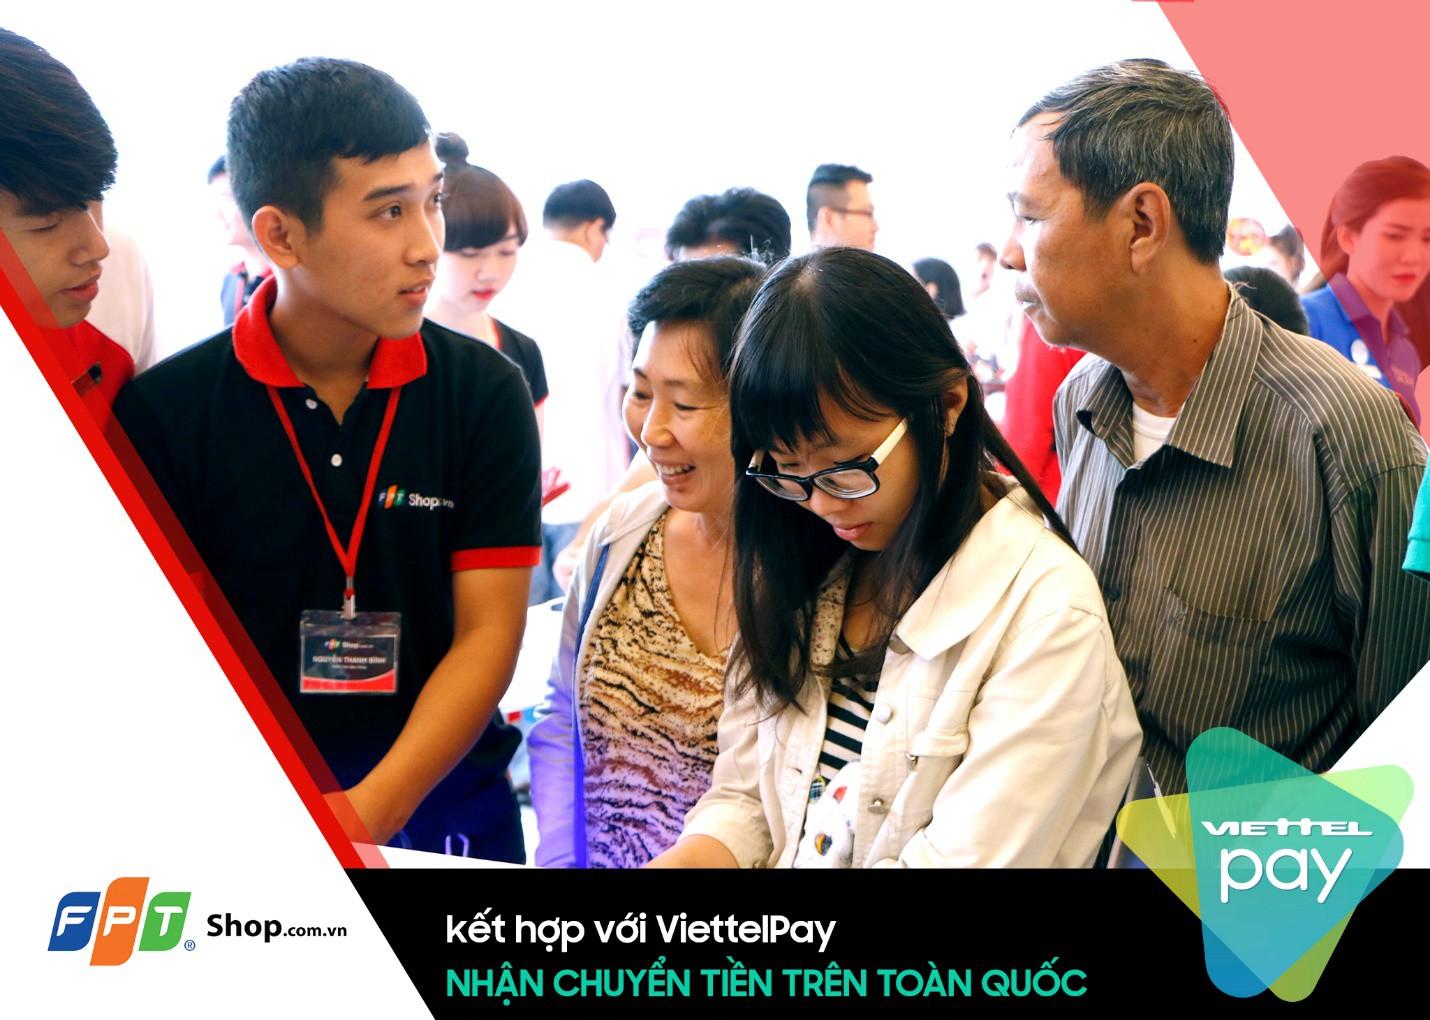 Đã có thể chuyển tiền trên toàn quốc thông qua dịch vụ ViettelPay tại FPT Shop - Ảnh 1.